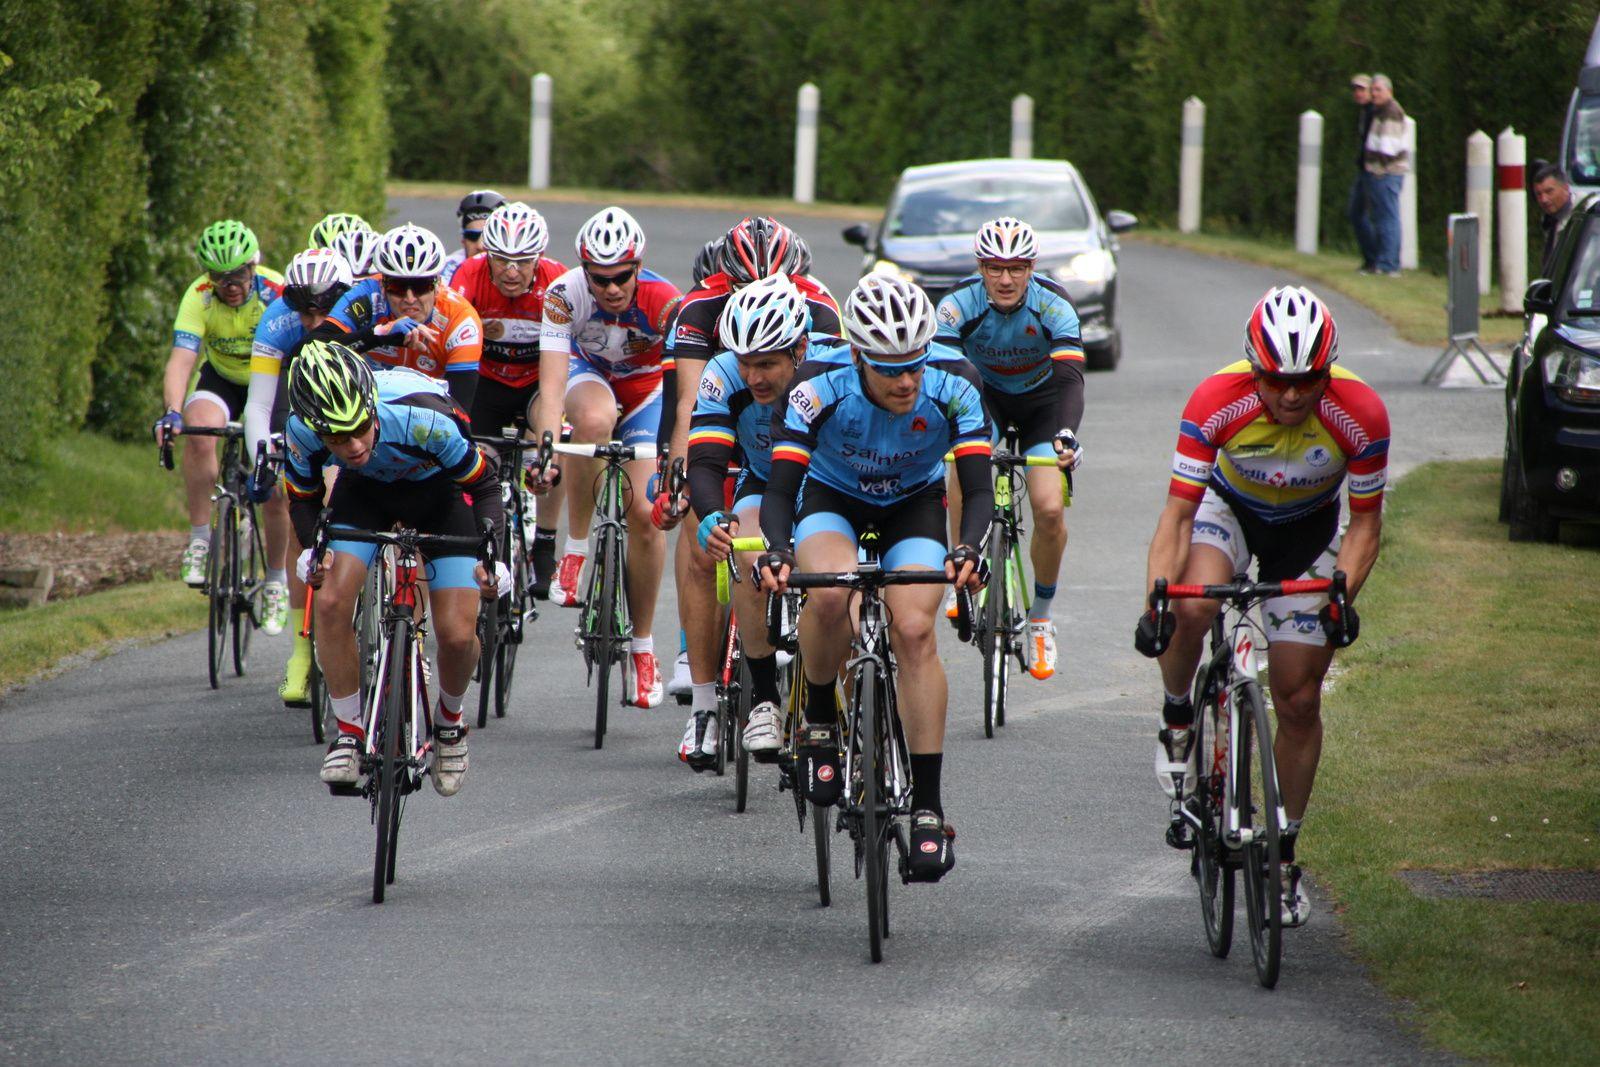 Ils  ne  sont  plus  que  2  en  tête, le  coureur  du  VCC  Marennes  à  disparu, 3  coureurs  sont  en  train  de  tenter  de  revenir